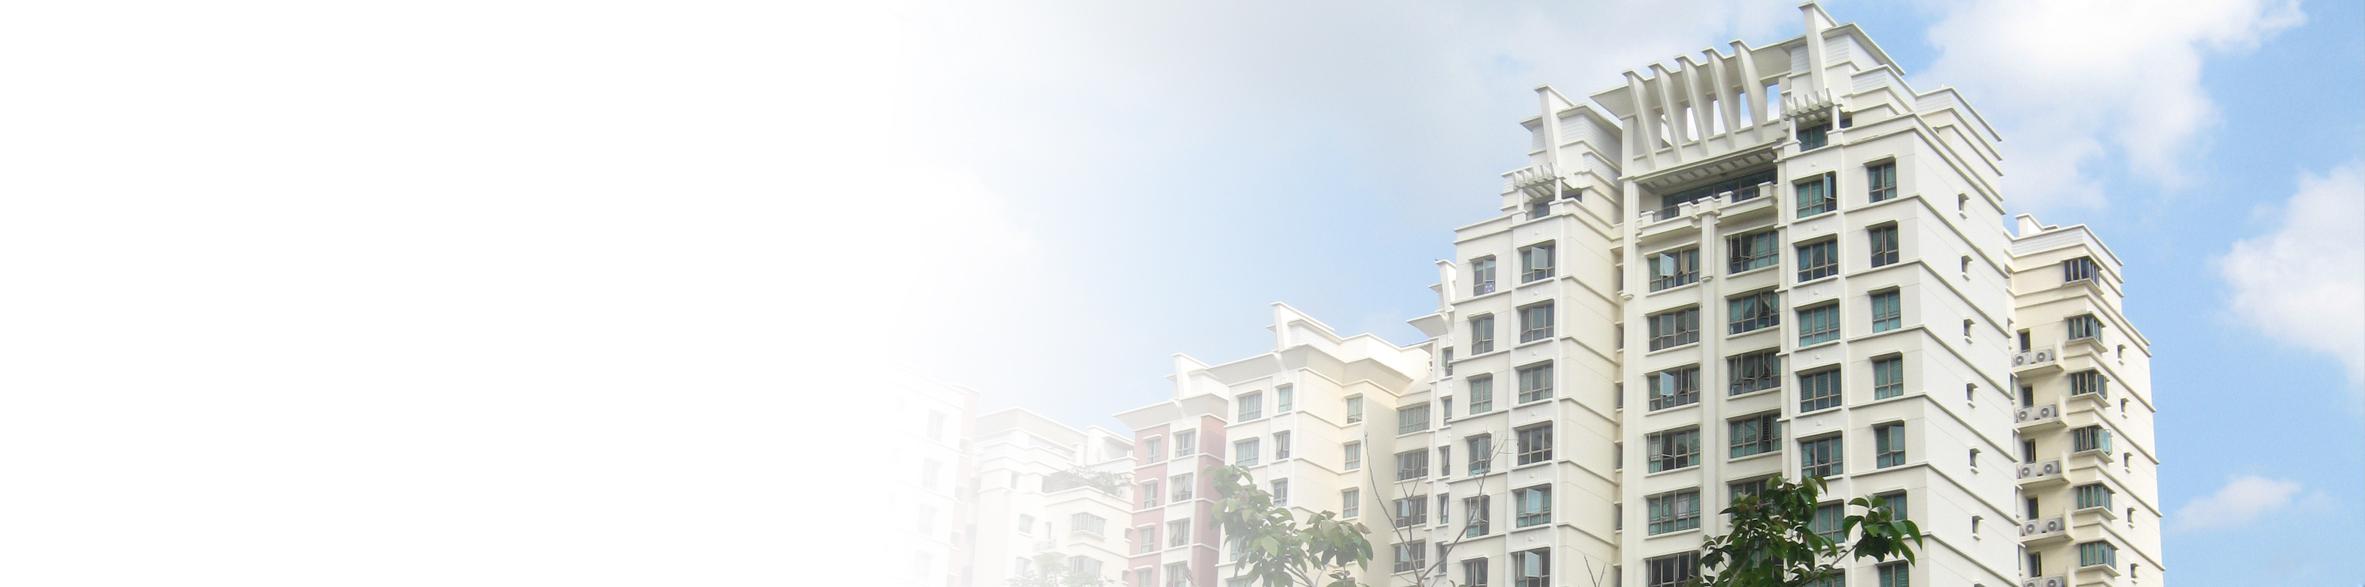 condo-property-Insurance